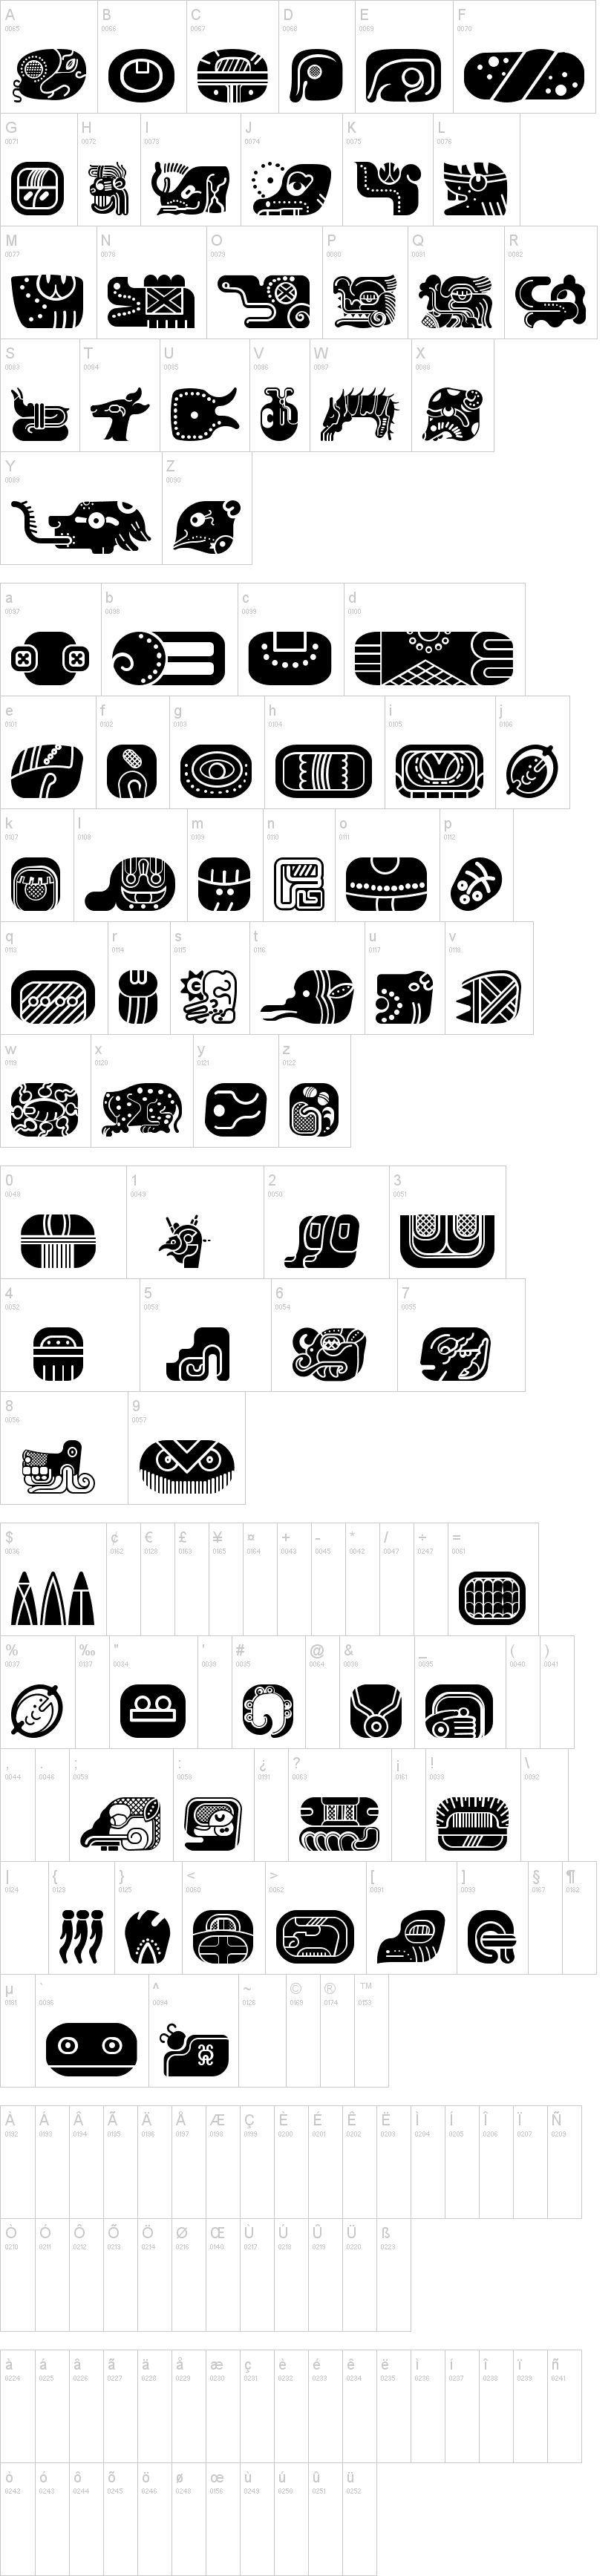 Mayan Glyphs Font Dafont Com Insignias Mayan Symbols Mayan